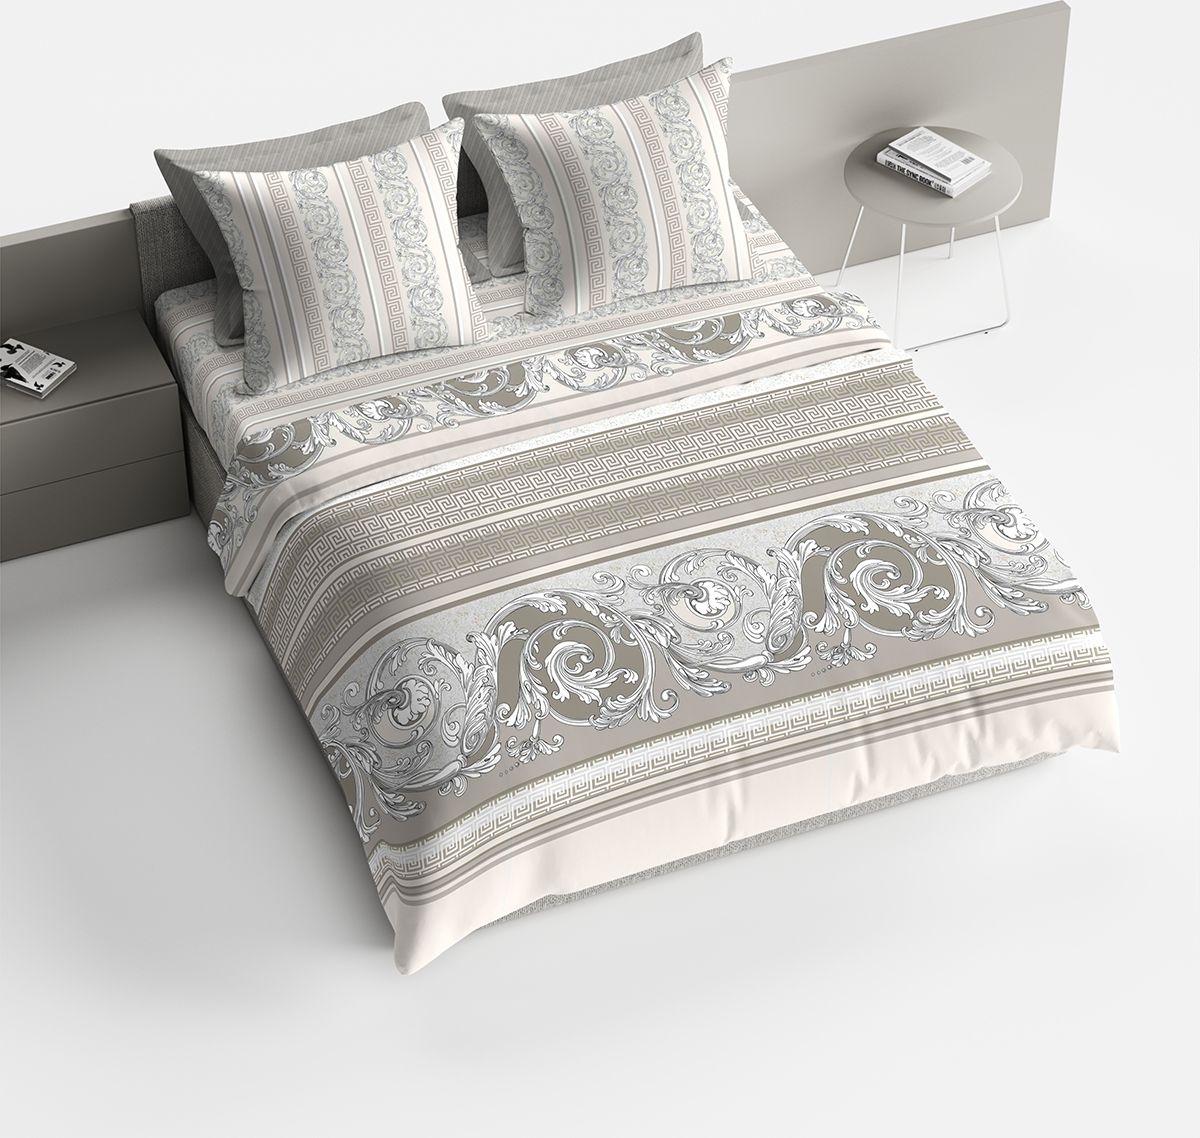 Комплект белья Браво Барокко, евро, наволочки 70x70, цвет: серый90414Комплекты постельного белья из ткани LUX COTTON (высококачественный поплин), сотканной из длинноволокнистого египетского хлопка, созданы специально для людей с оригинальным вкусом, предпочитающим современные решения в интерьере. Обновленная стильная упаковка делает этот комплект отличным подарком. • Равноплотная ткань из 100% хлопка;• Обработана по технологии мерсеризации и санфоризации;• Мягкая и нежная на ощупь;• Устойчива к трению;• Обладает высокими показателями гигроскопичности (впитывает влагу);• Выдерживает частые стирки, сохраняя первоначальные цвет, форму и размеры;• Безопасные красители ведущего немецкого производителя BEZEMA